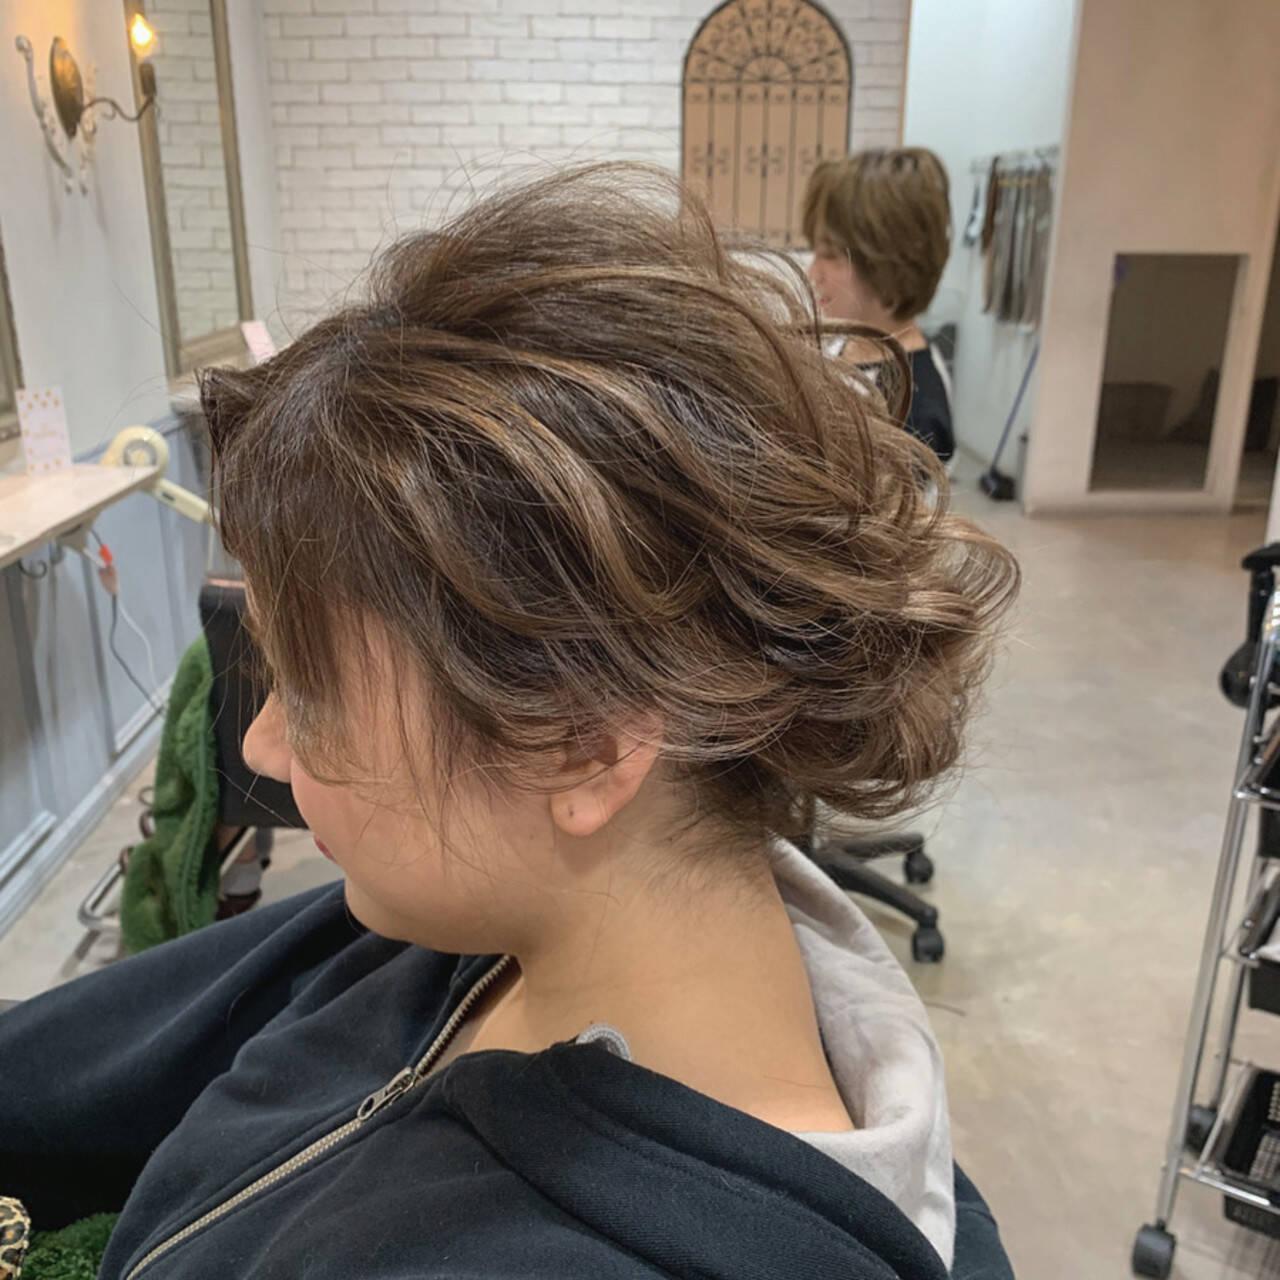 シニヨン ハイライト ヘアアレンジ 結婚式ヘアアレンジヘアスタイルや髪型の写真・画像